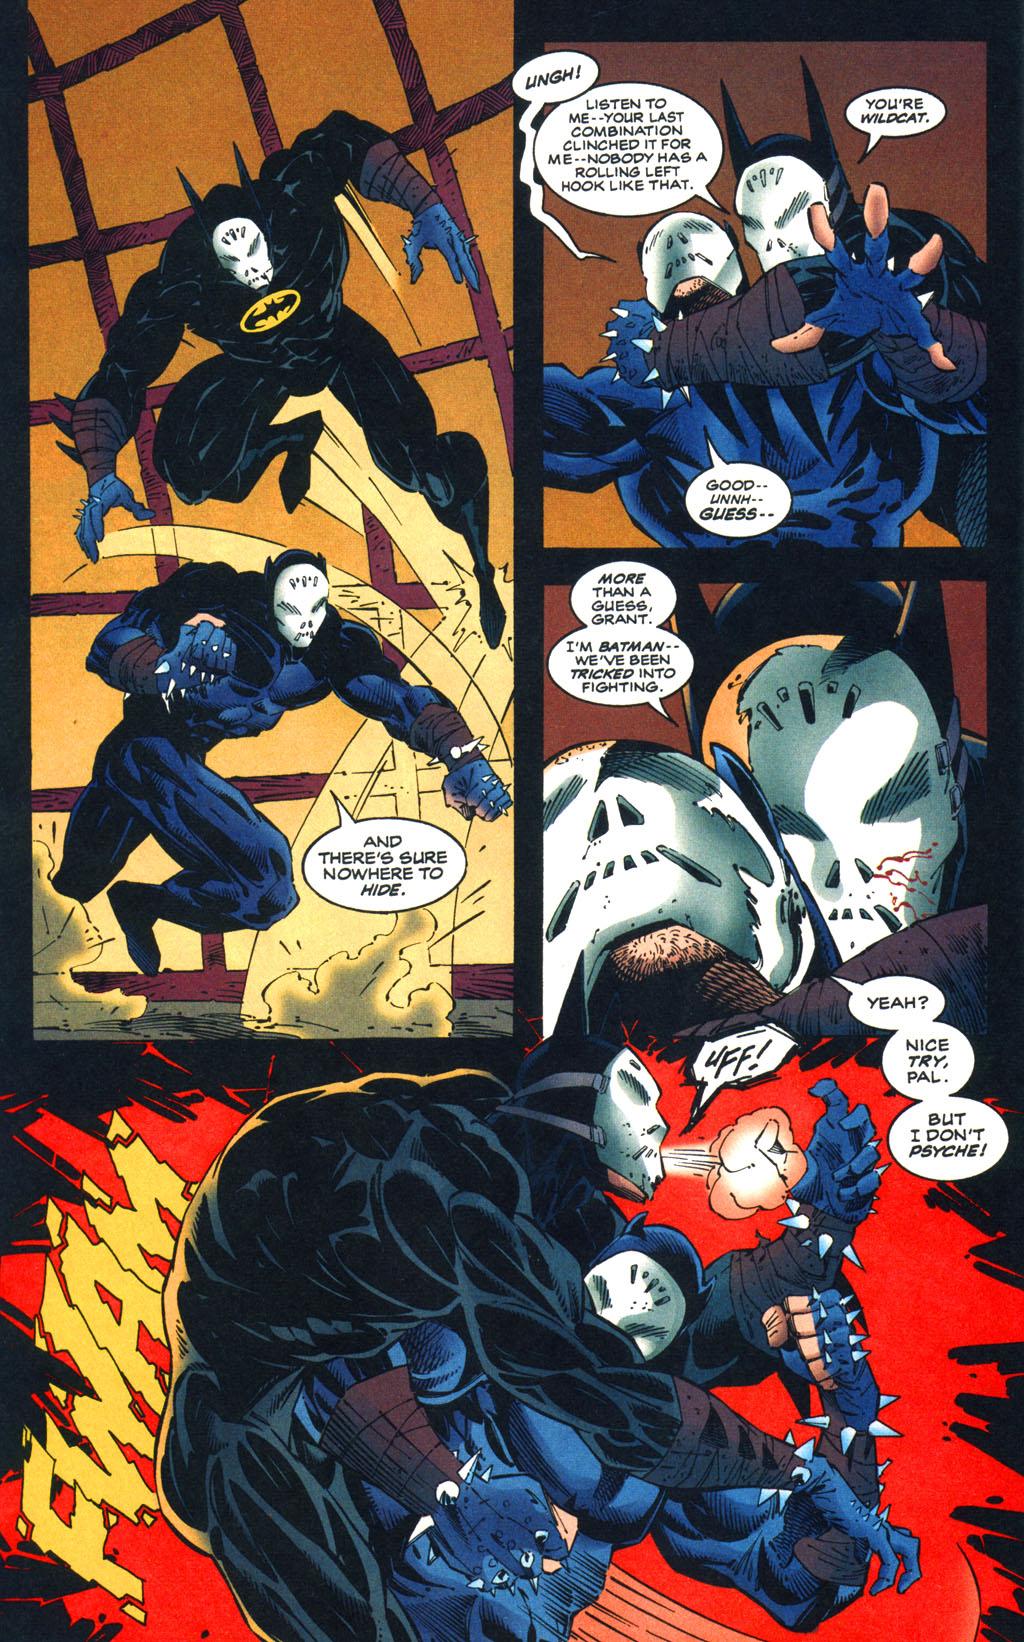 Read online Batman/Wildcat comic -  Issue #3 - 5